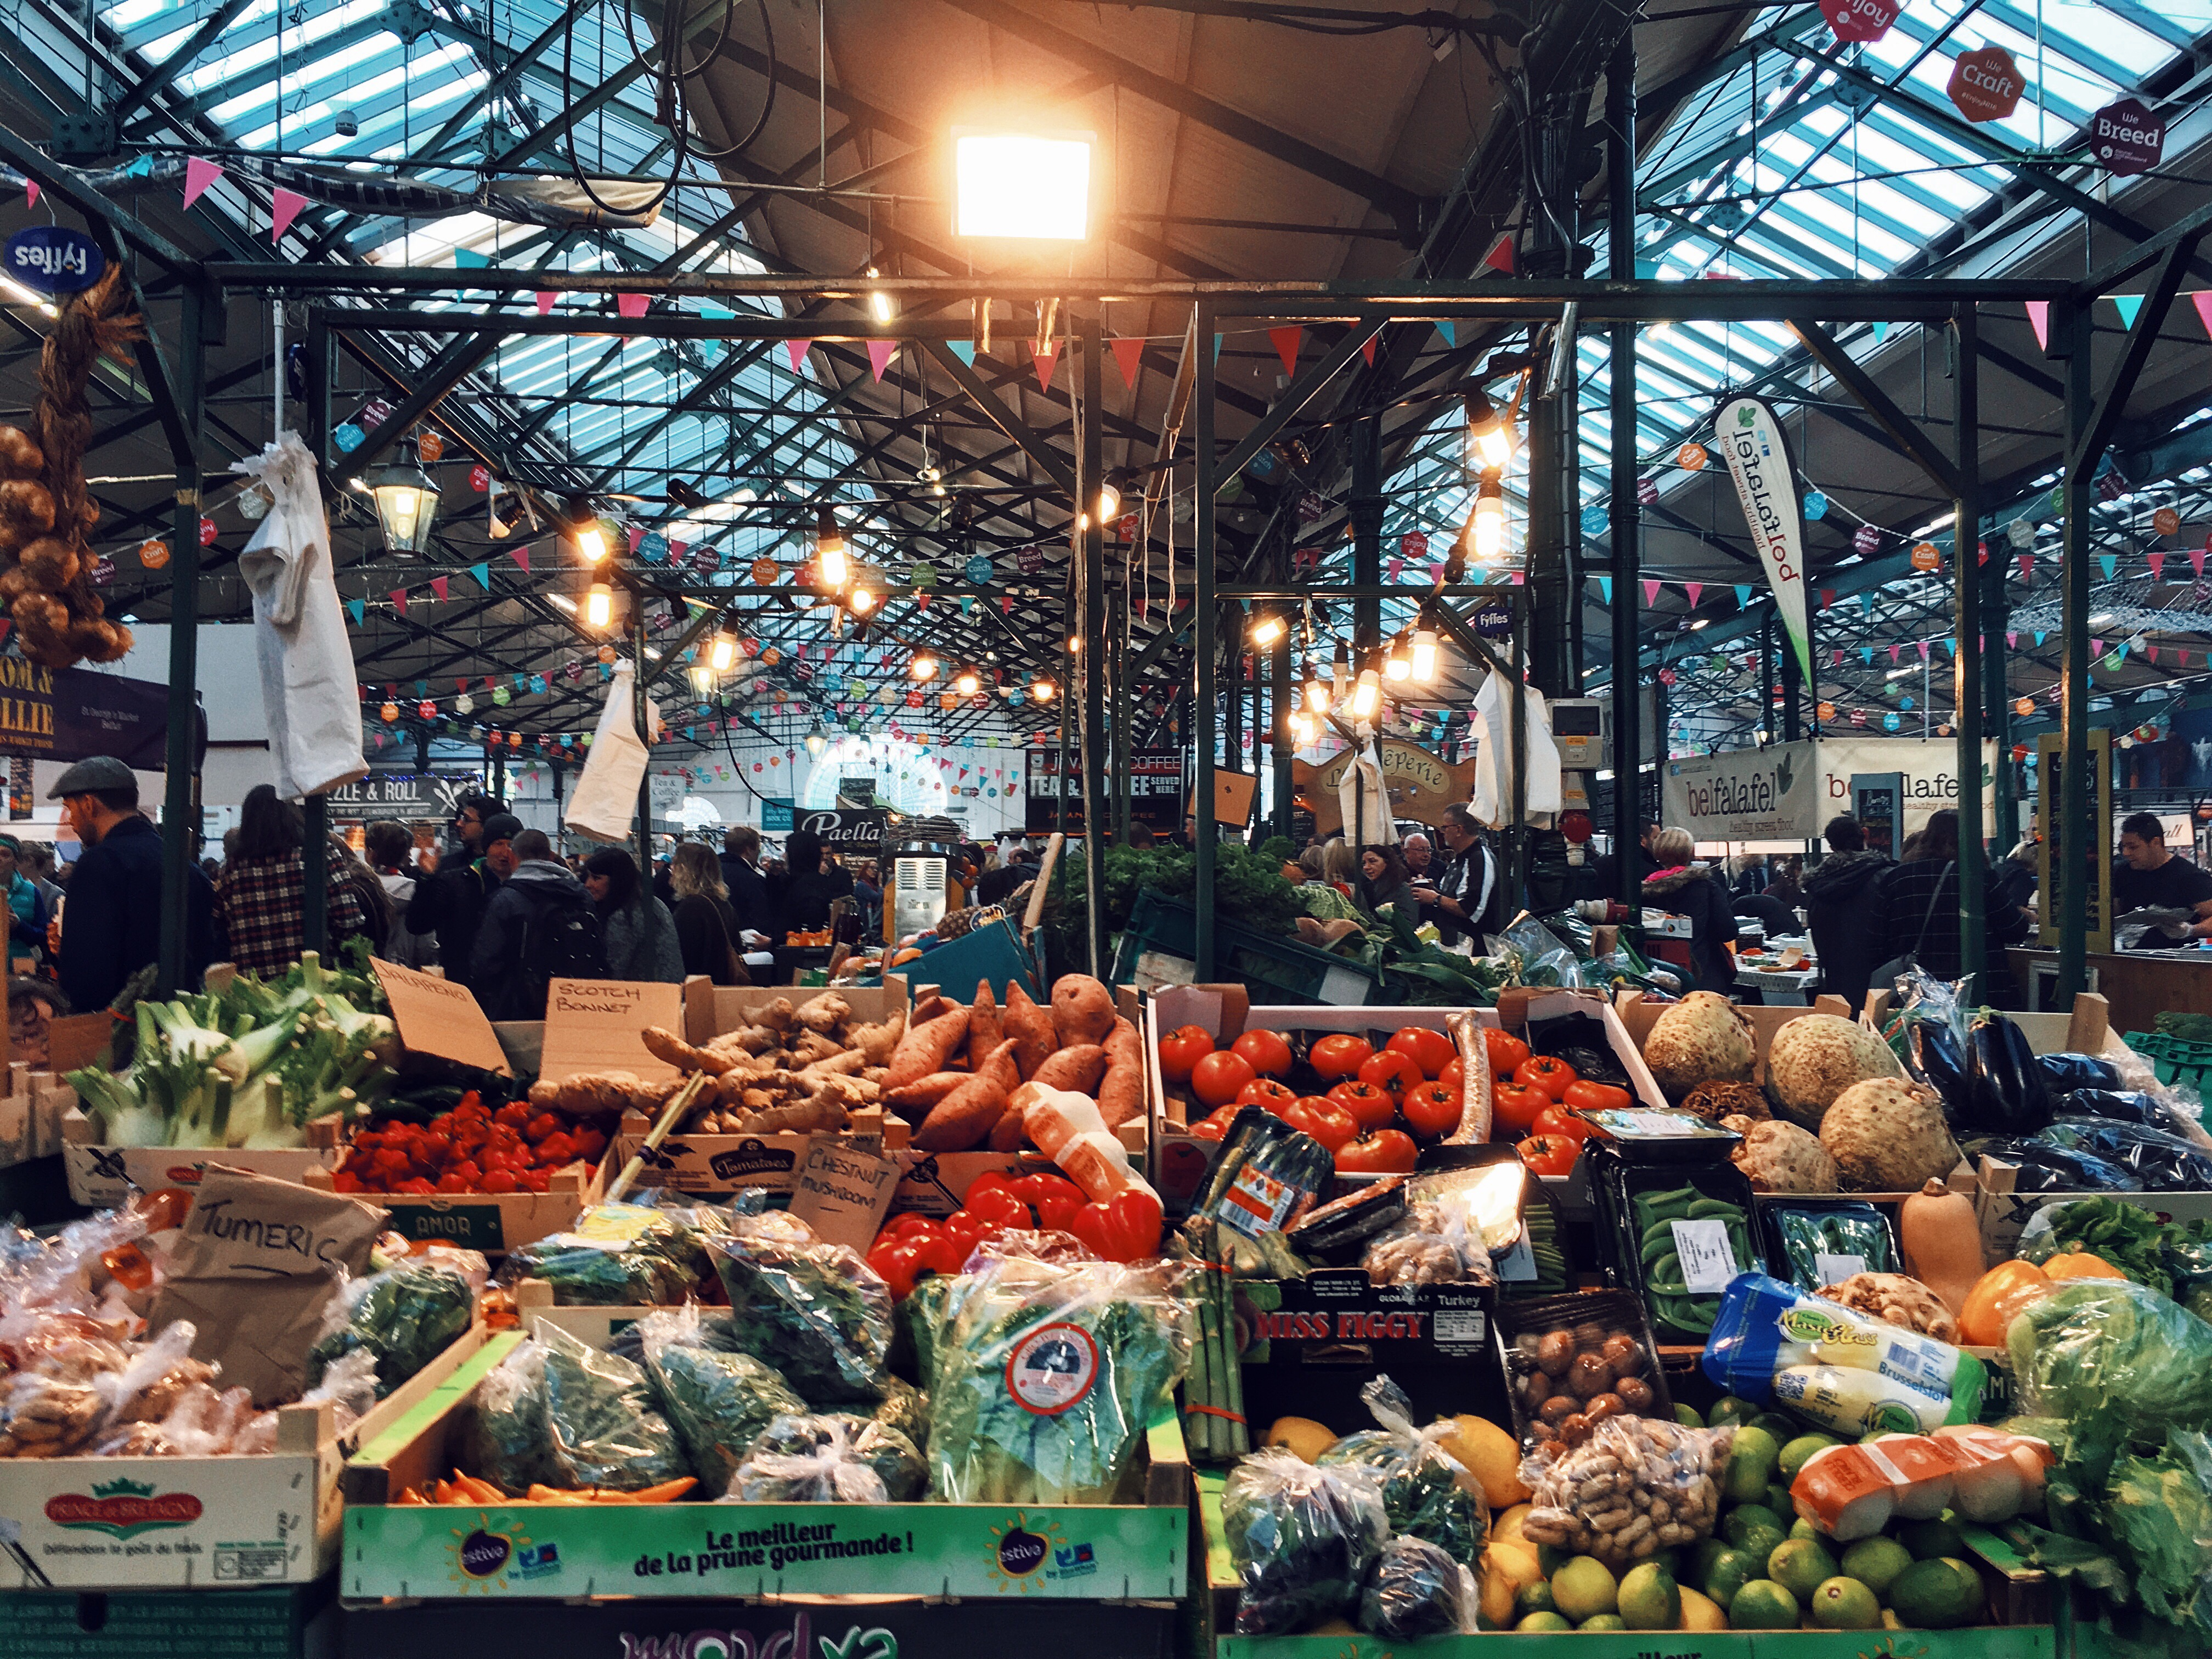 belfast, market, St. Georges Market, food, fruit & vegetables